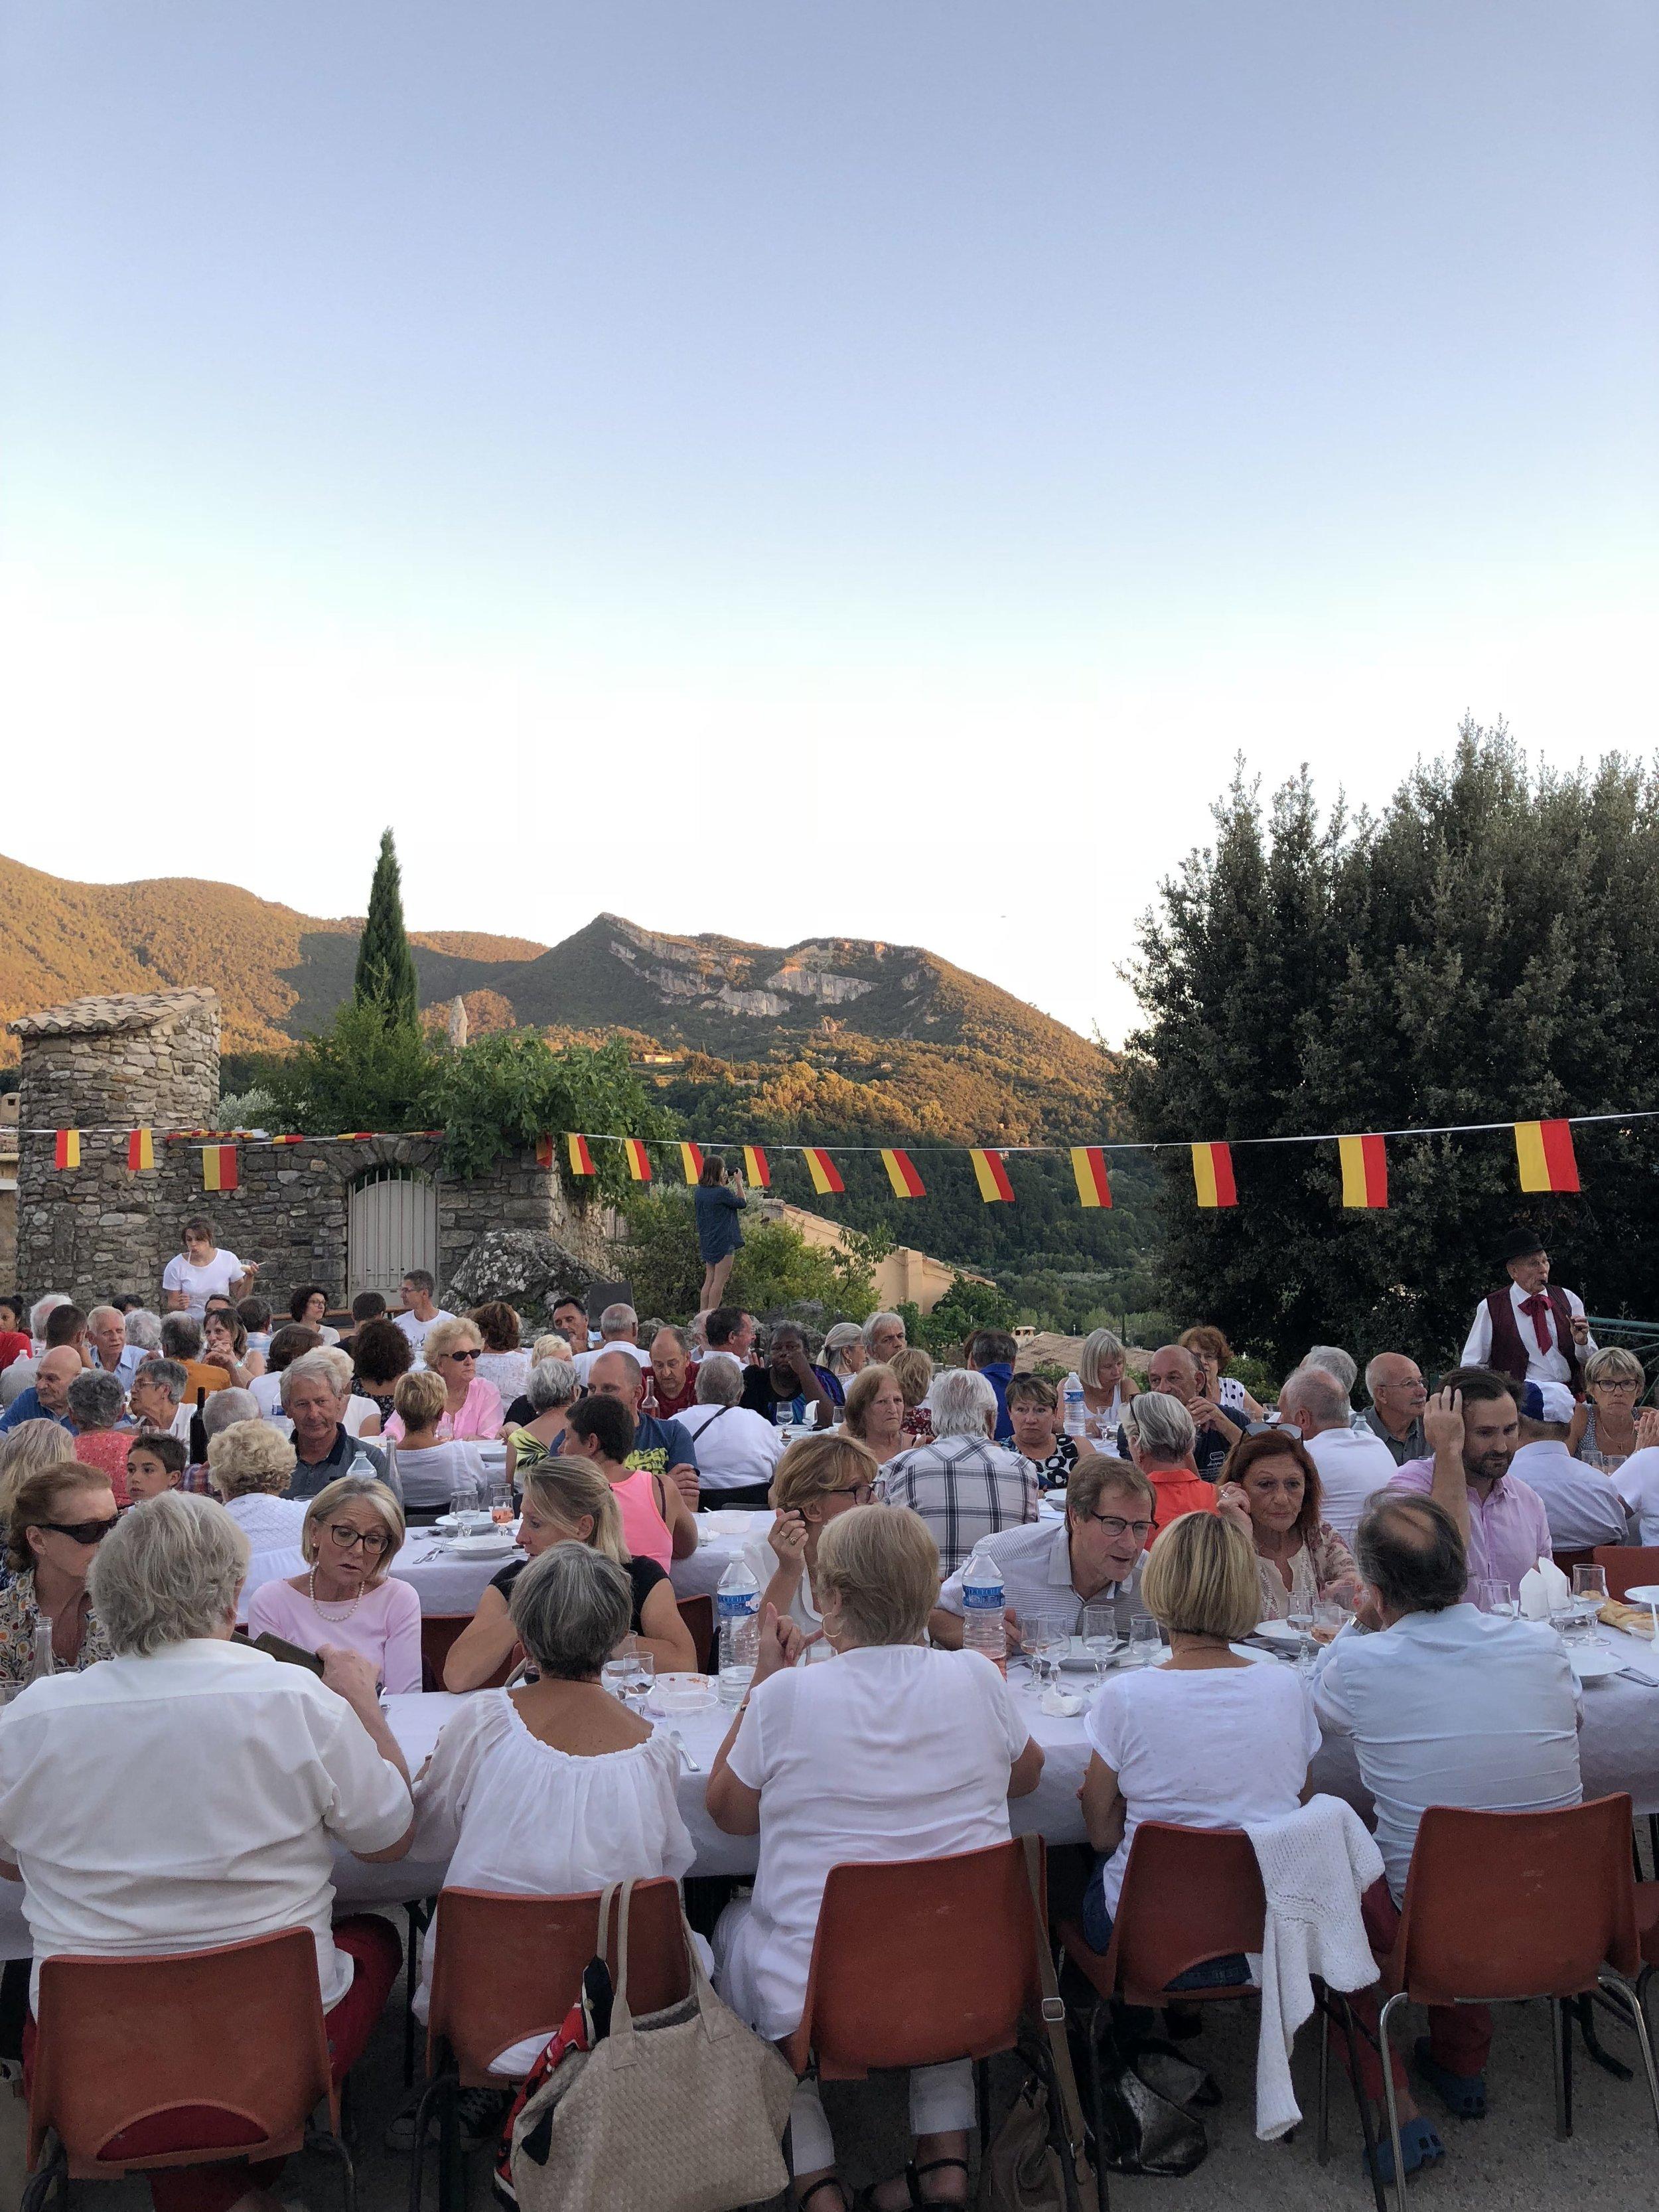 The annual fête de Pistou in mid-August